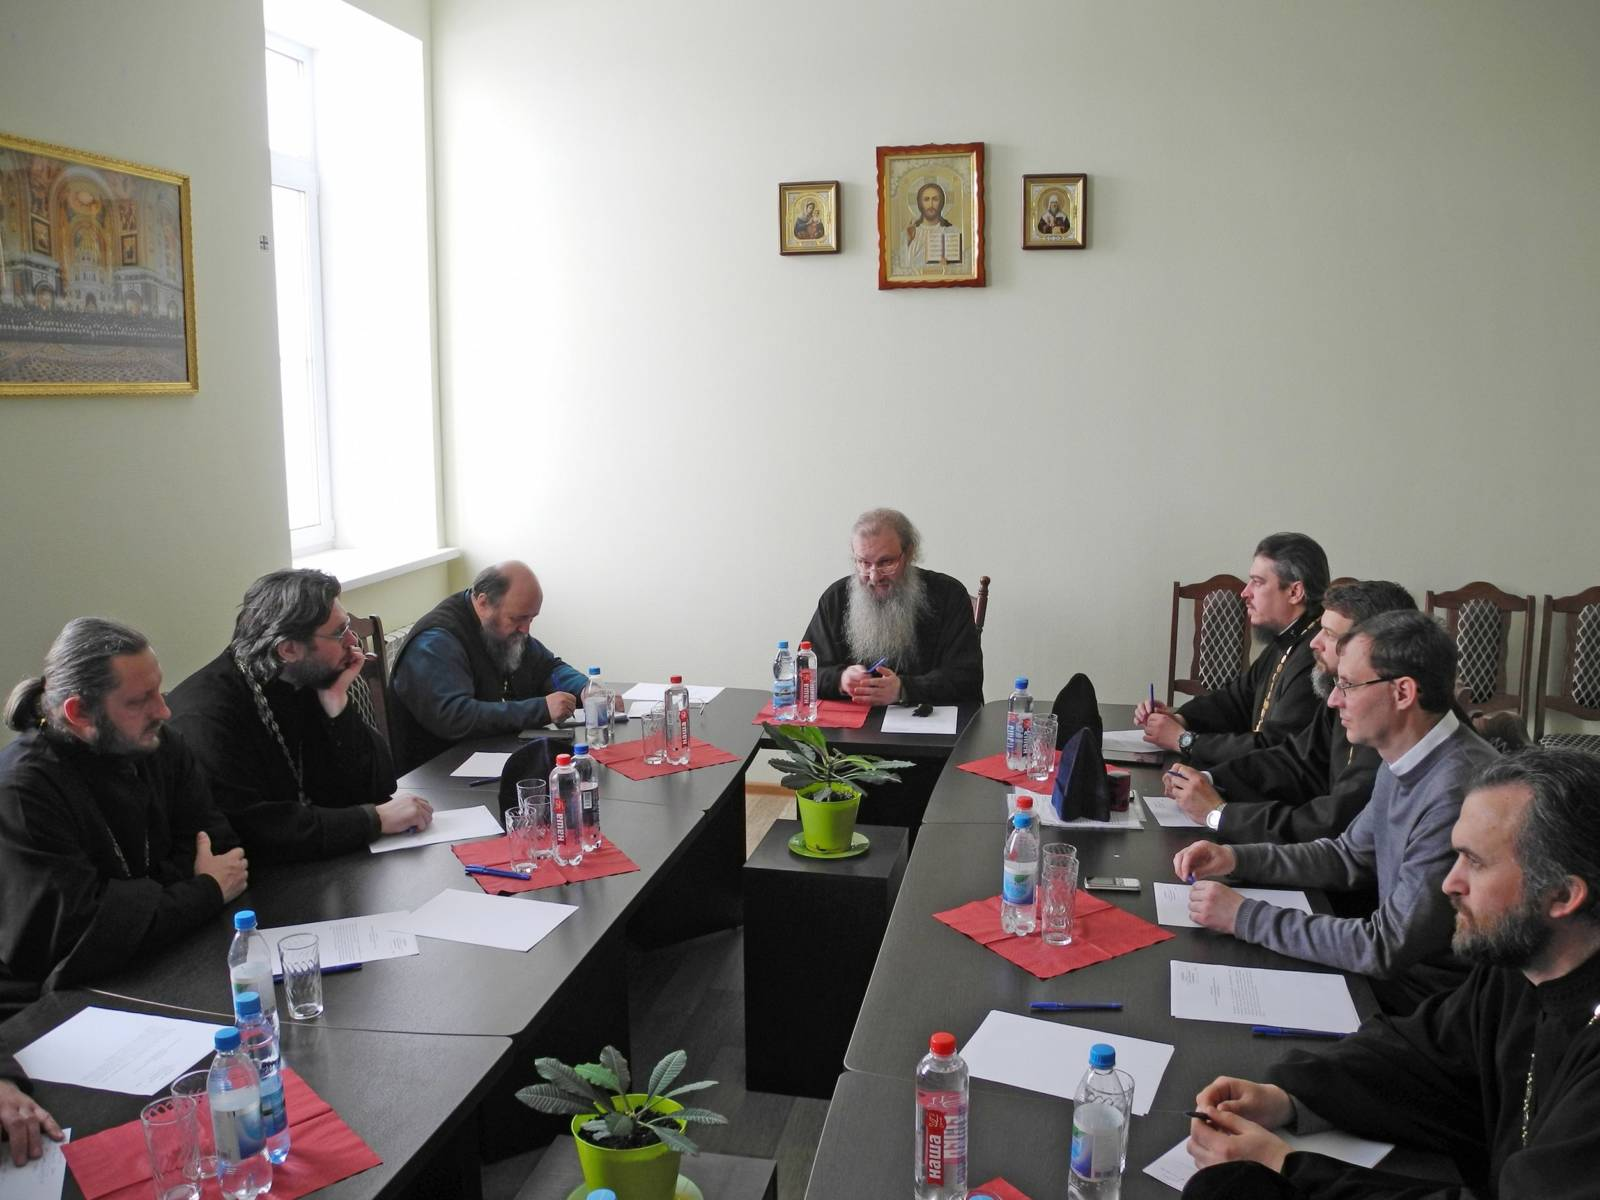 Расширенное заседание епархиального совета Урюпинской и Новоаннинской епархии.